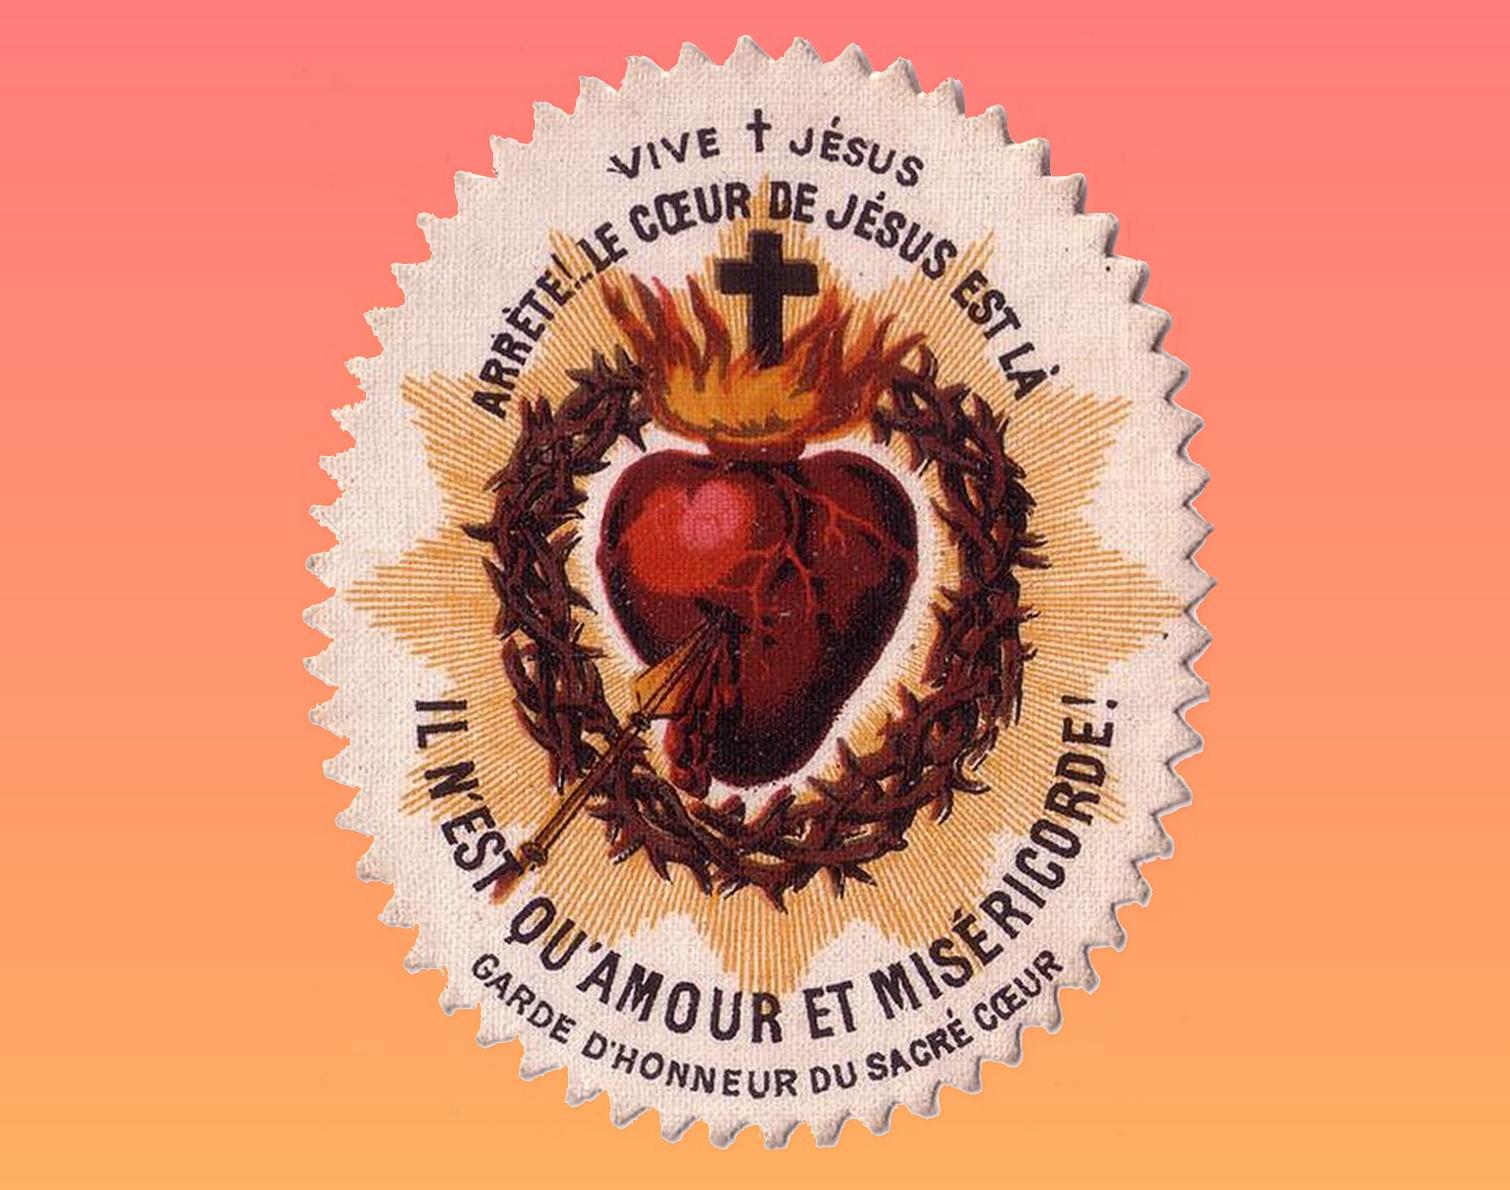 CALENDRIER CATHOLIQUE 2020 (Cantiques, Prières & Images) - Page 18 Sacr--coeur-garde-d-honneur--577e5eb